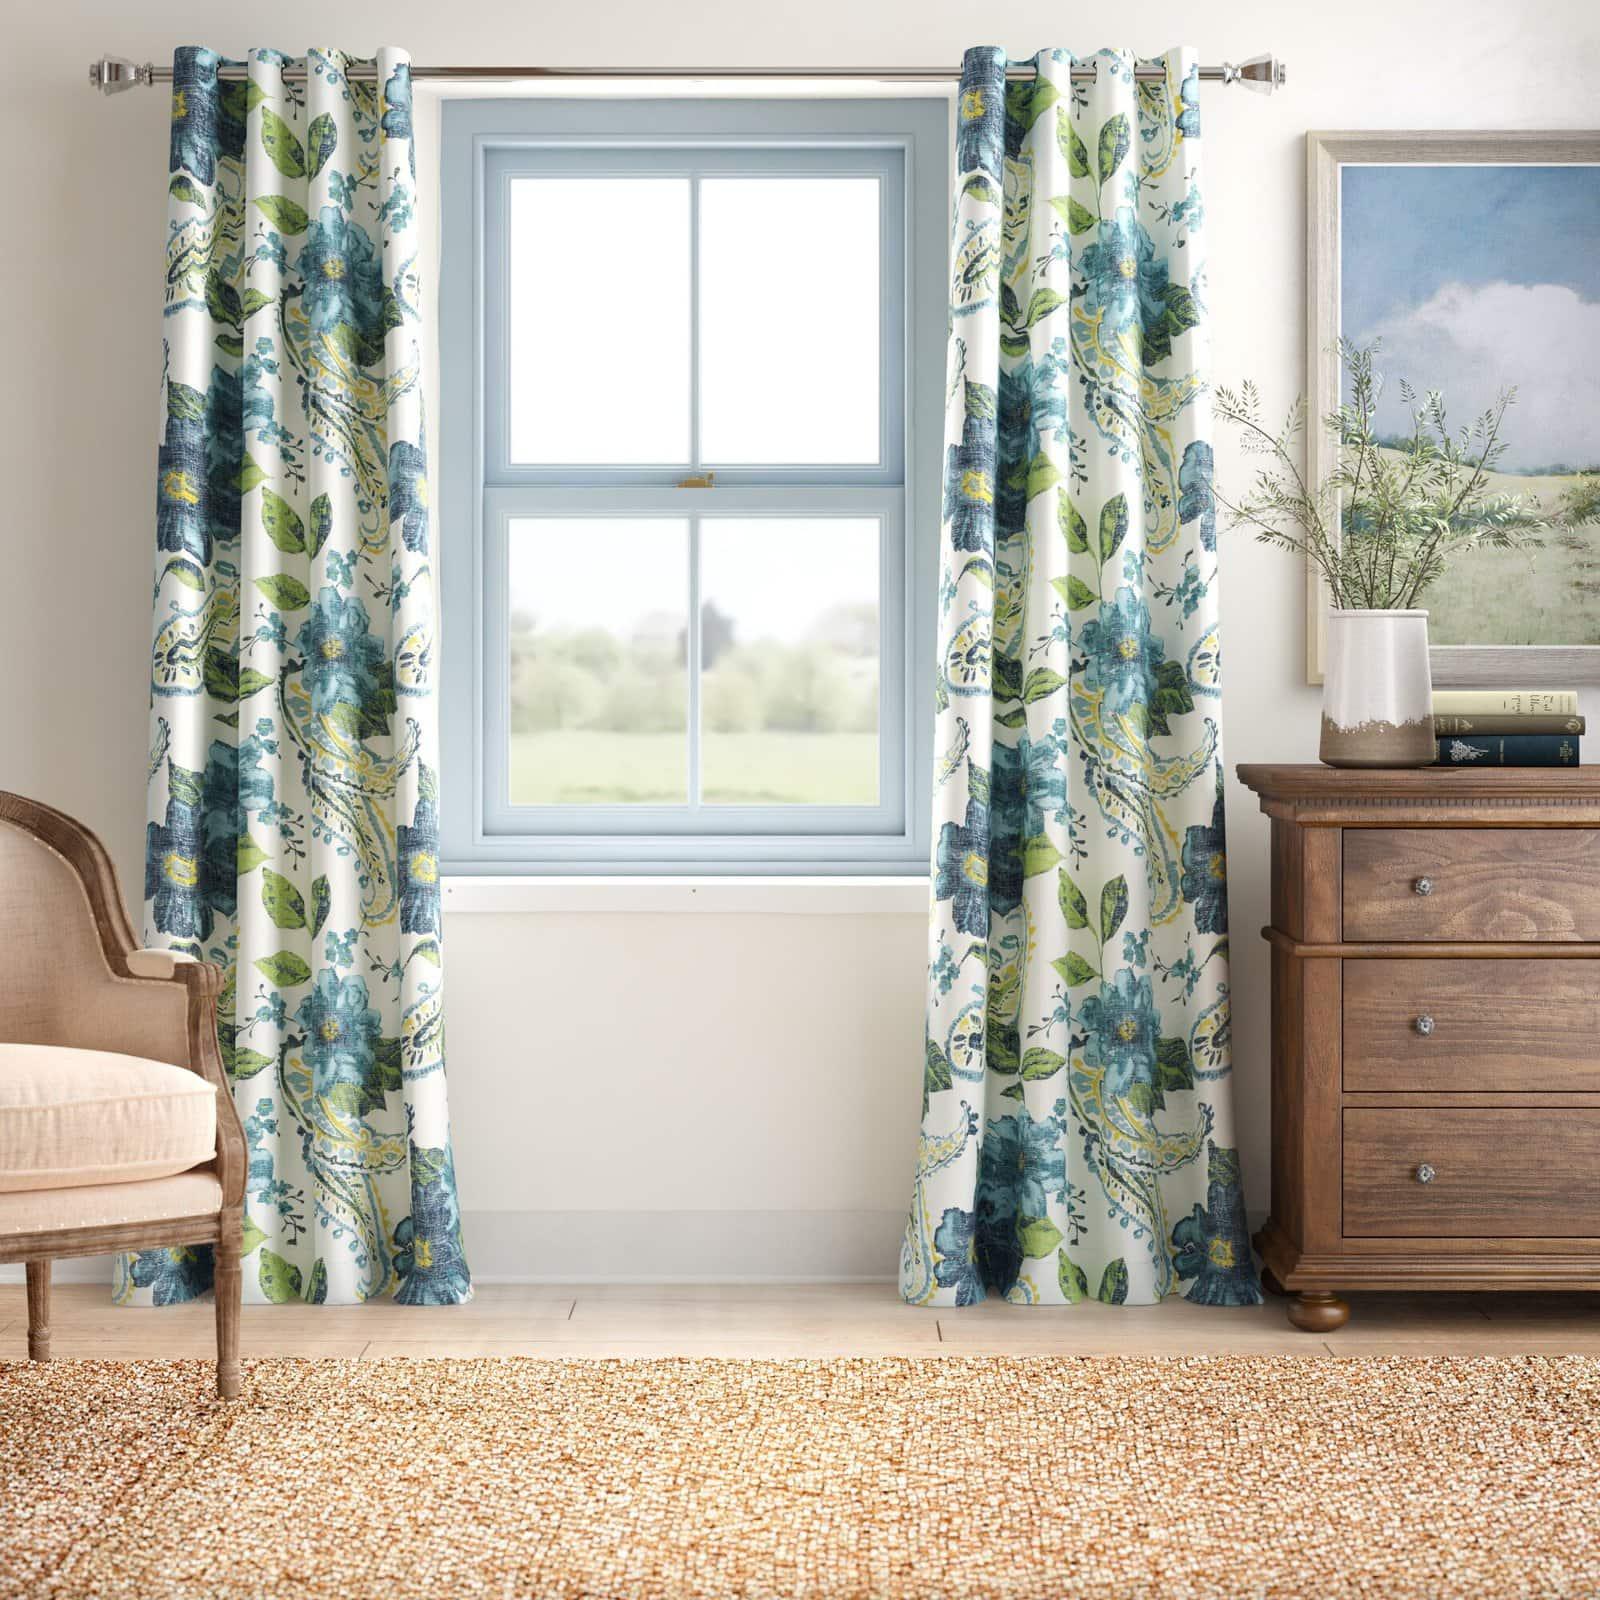 Floral Room Darkening Curtains